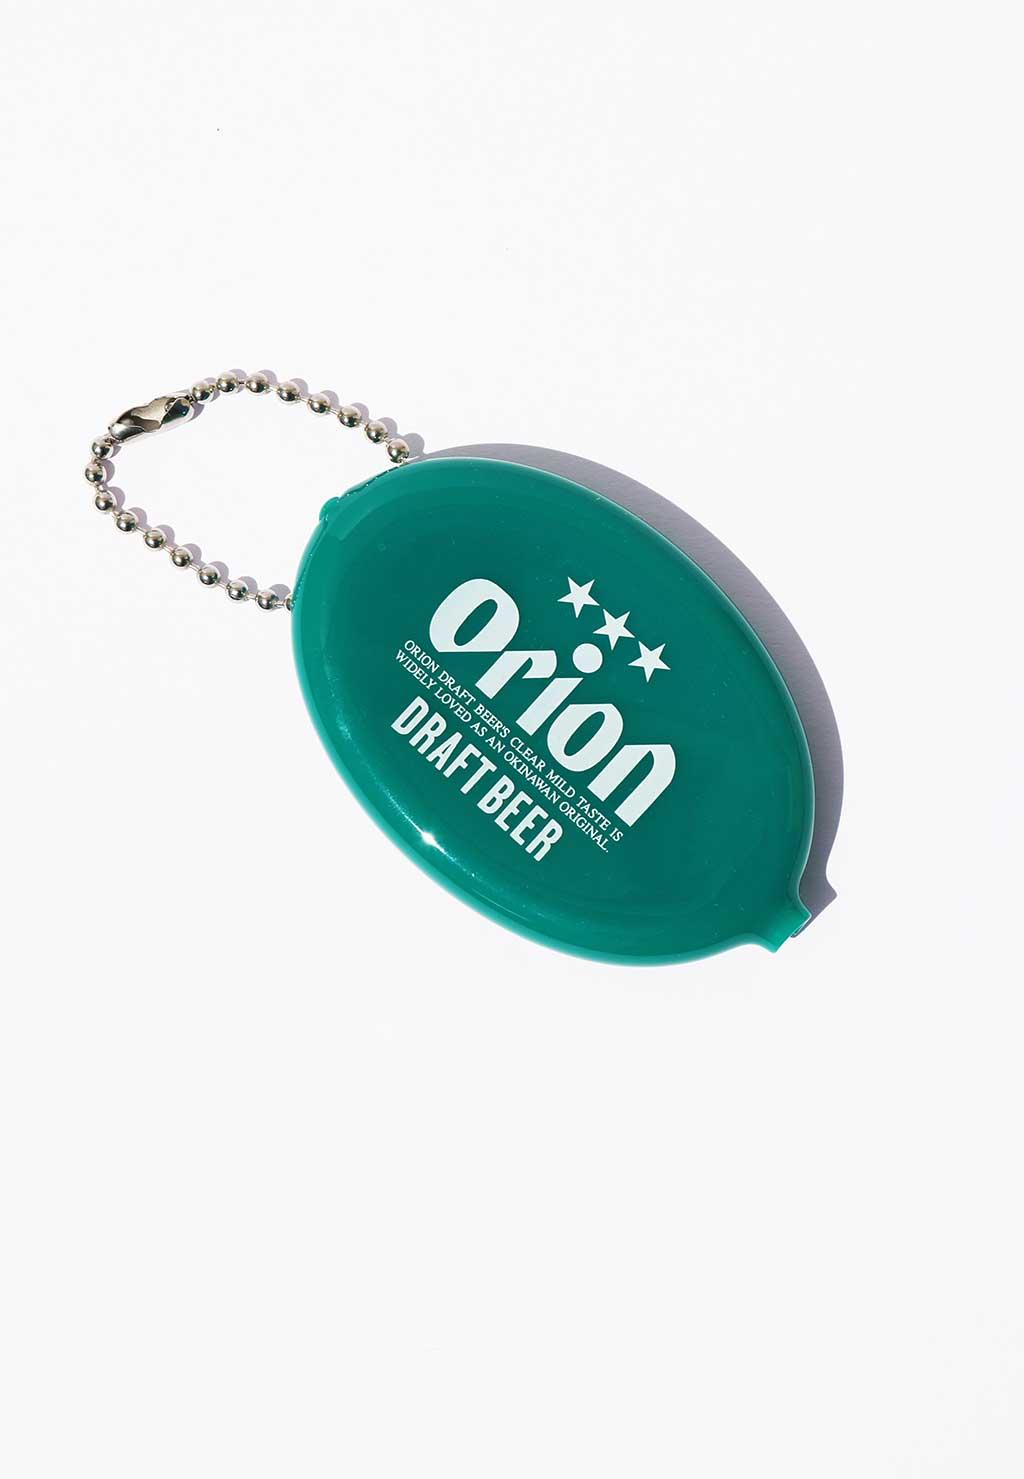 オリオンビール コインケース    緑(GREEN)